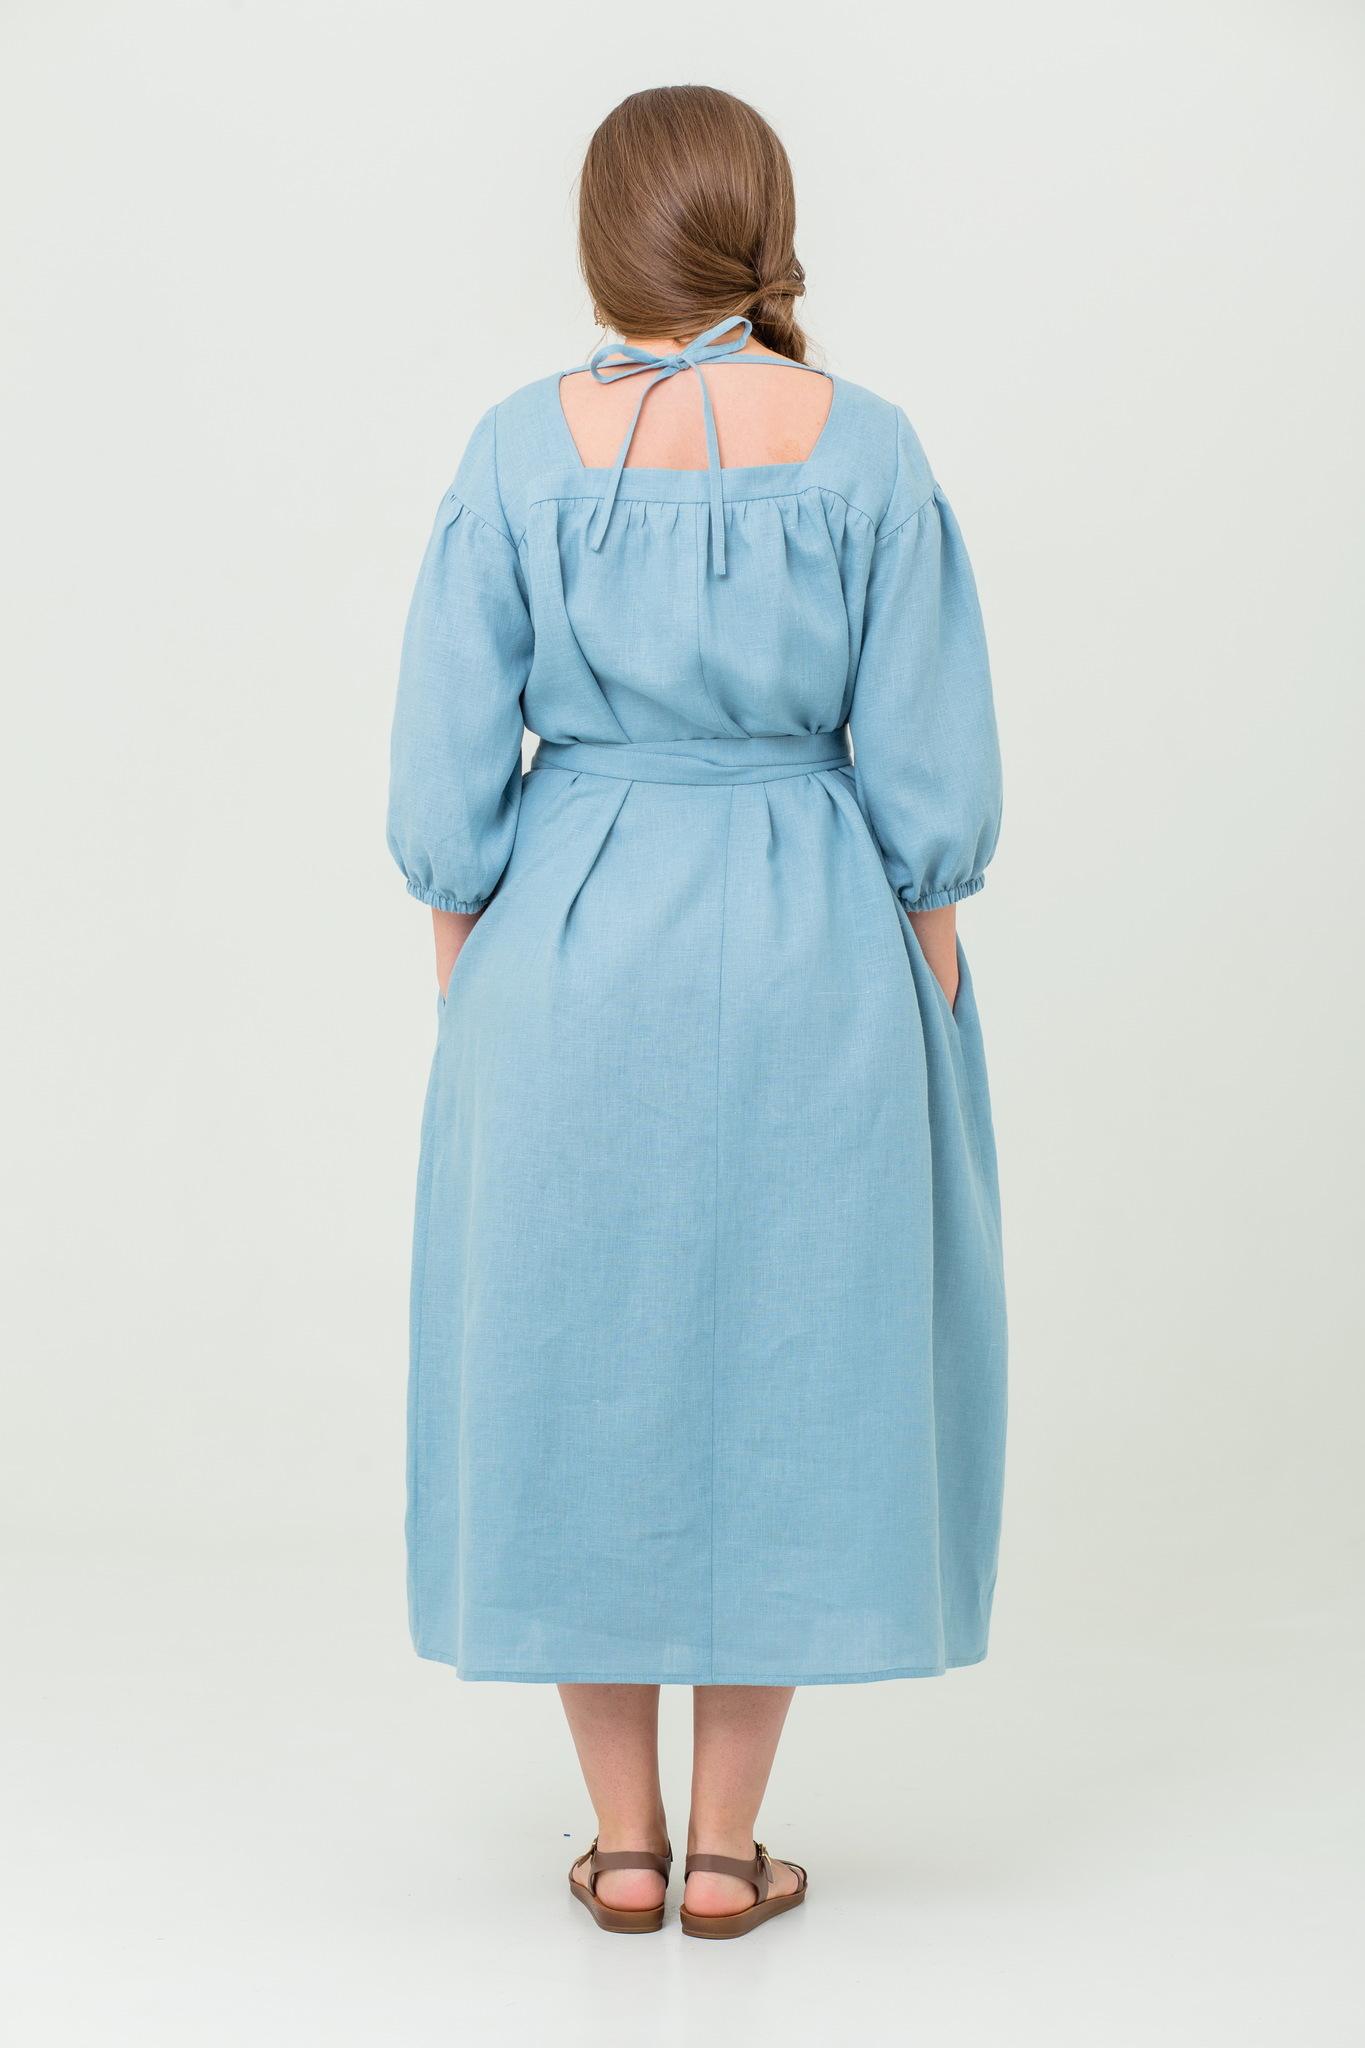 Платье льняное Босиком по росе с доставкой